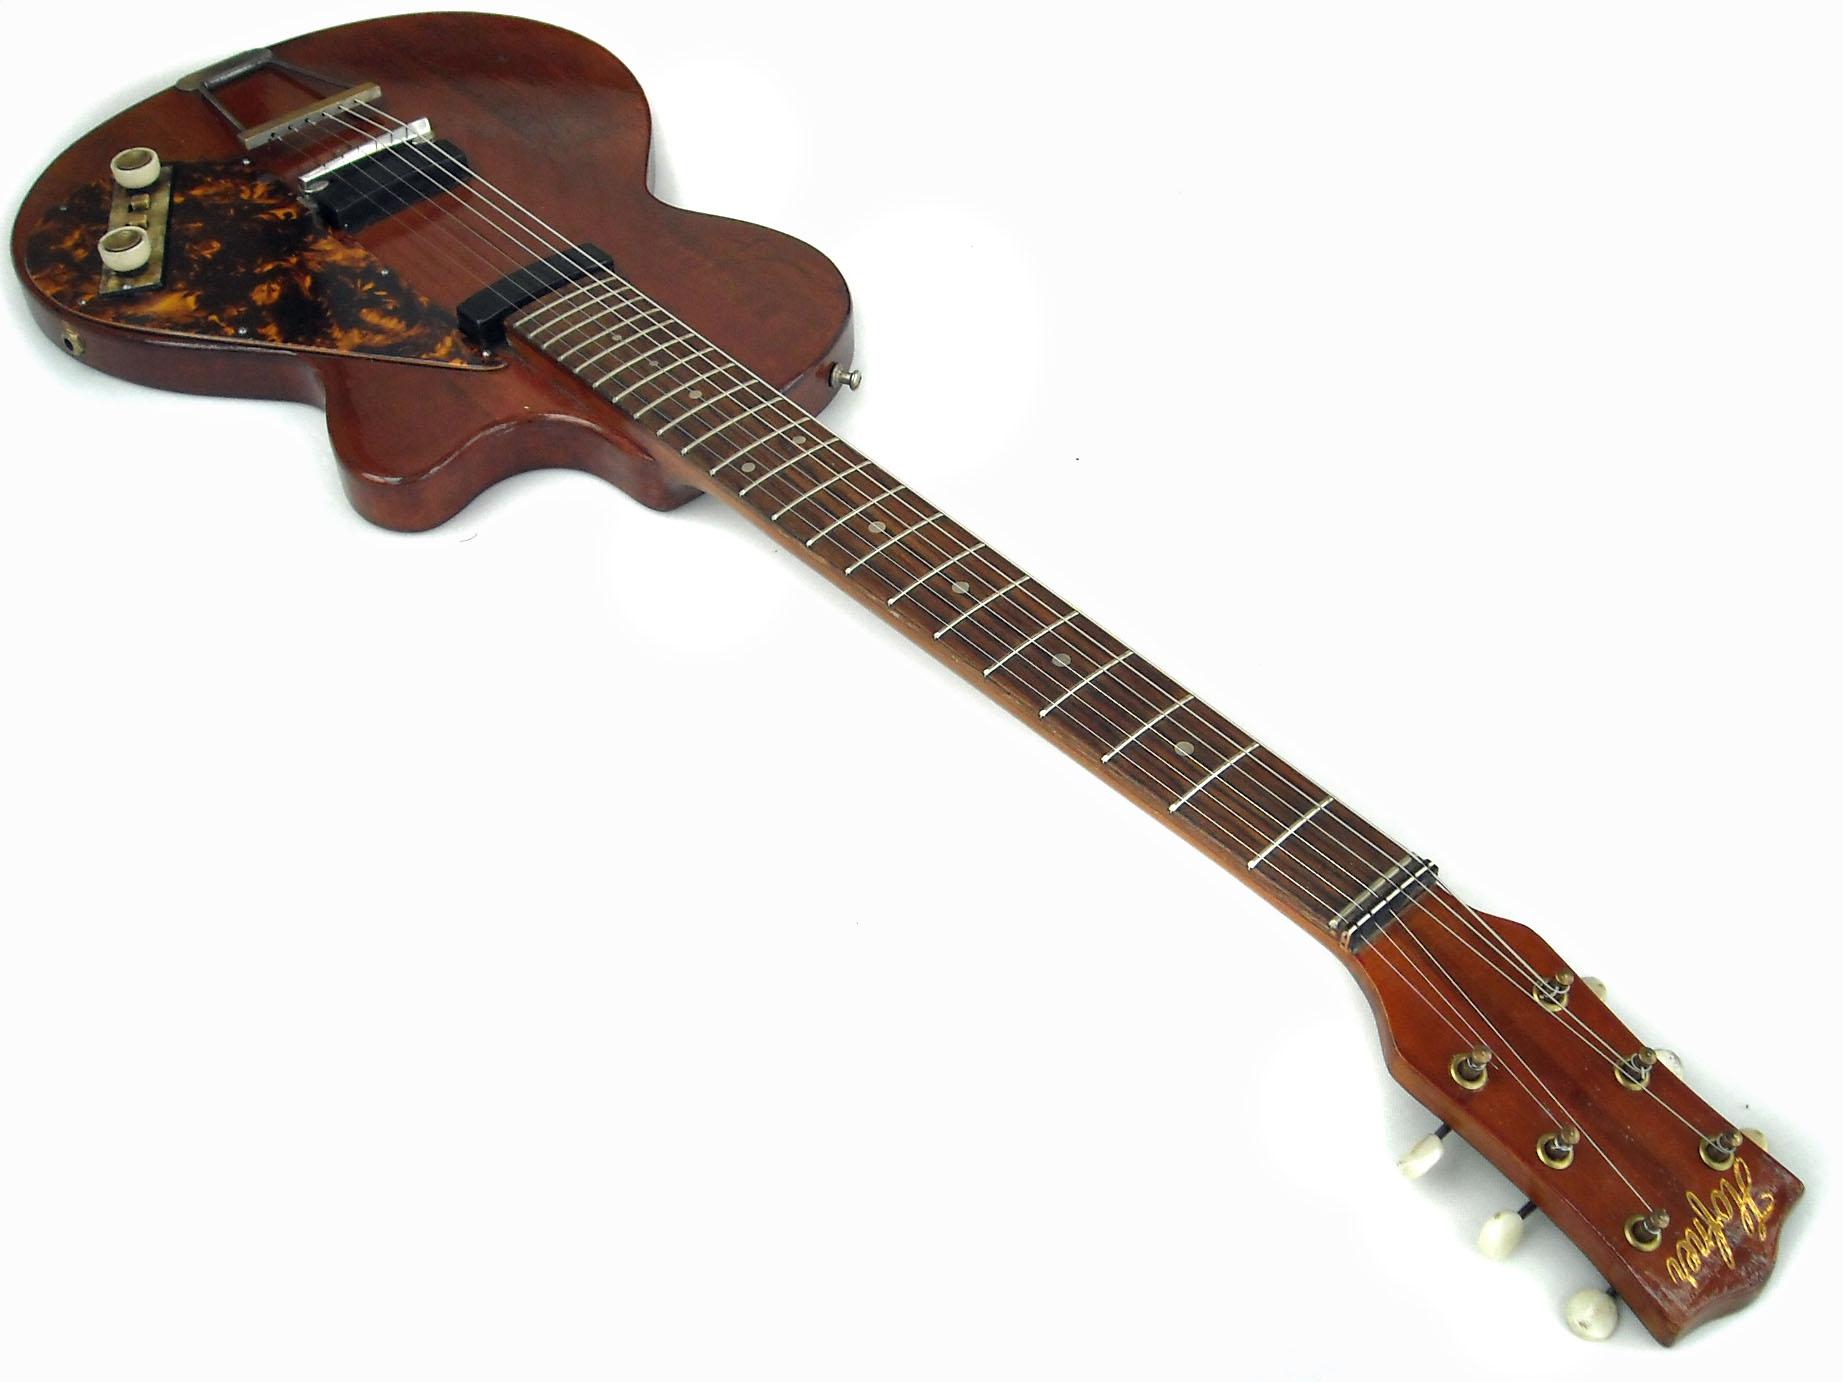 hofner 162 1959 natural guitar for sale wutzdog guitars. Black Bedroom Furniture Sets. Home Design Ideas